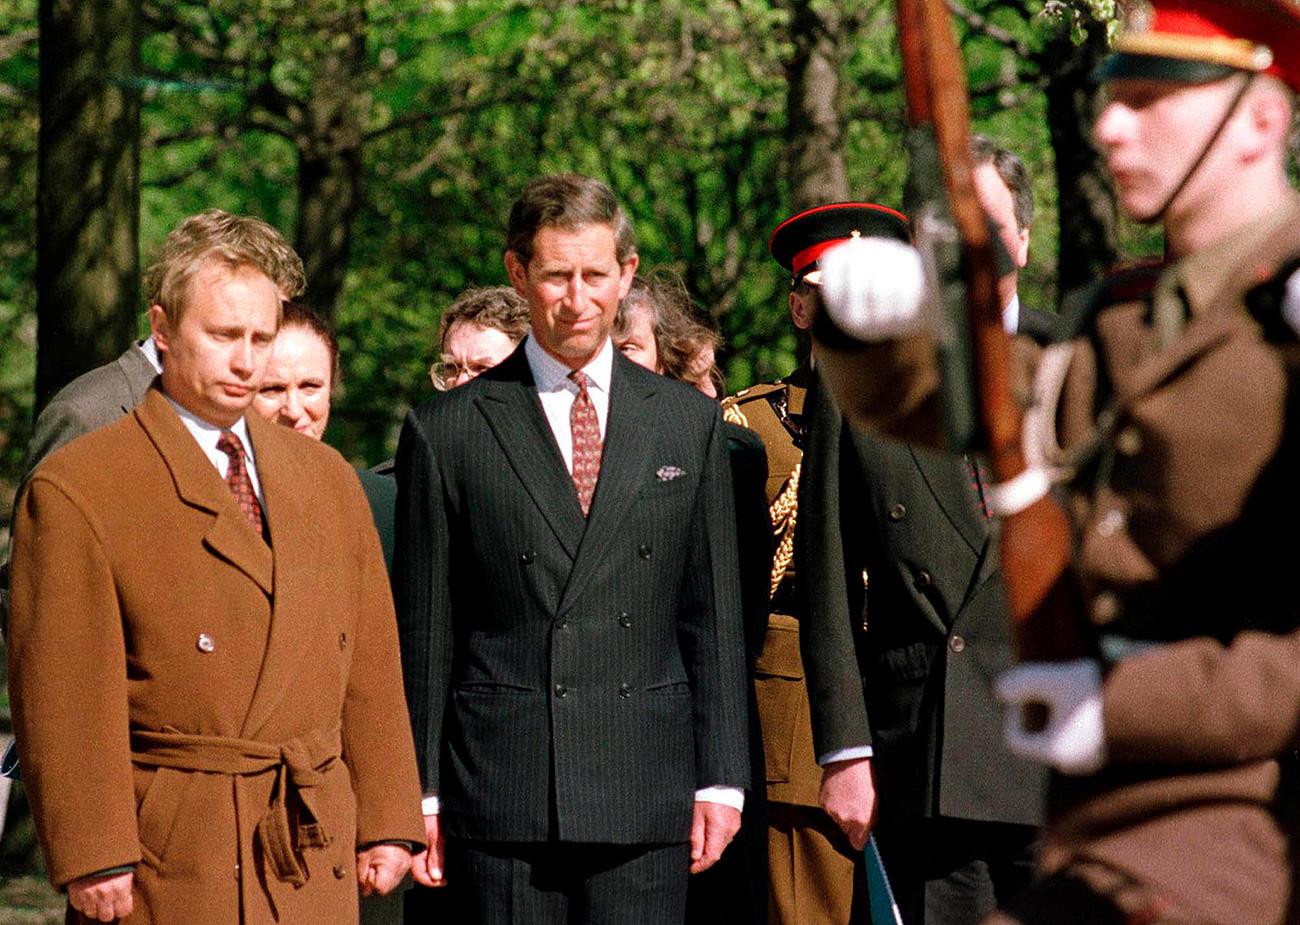 Vladimir Putin, a sinistra, all'epoca portavoce per gli Affari Esteri del sindaco di San Pietroburgo Anatoly Sobchak, partecipa a una cerimonia ufficiale con il principe Carlo nel cimitero Piskarevskoe di San Pietroburgo. 17 maggio 1994